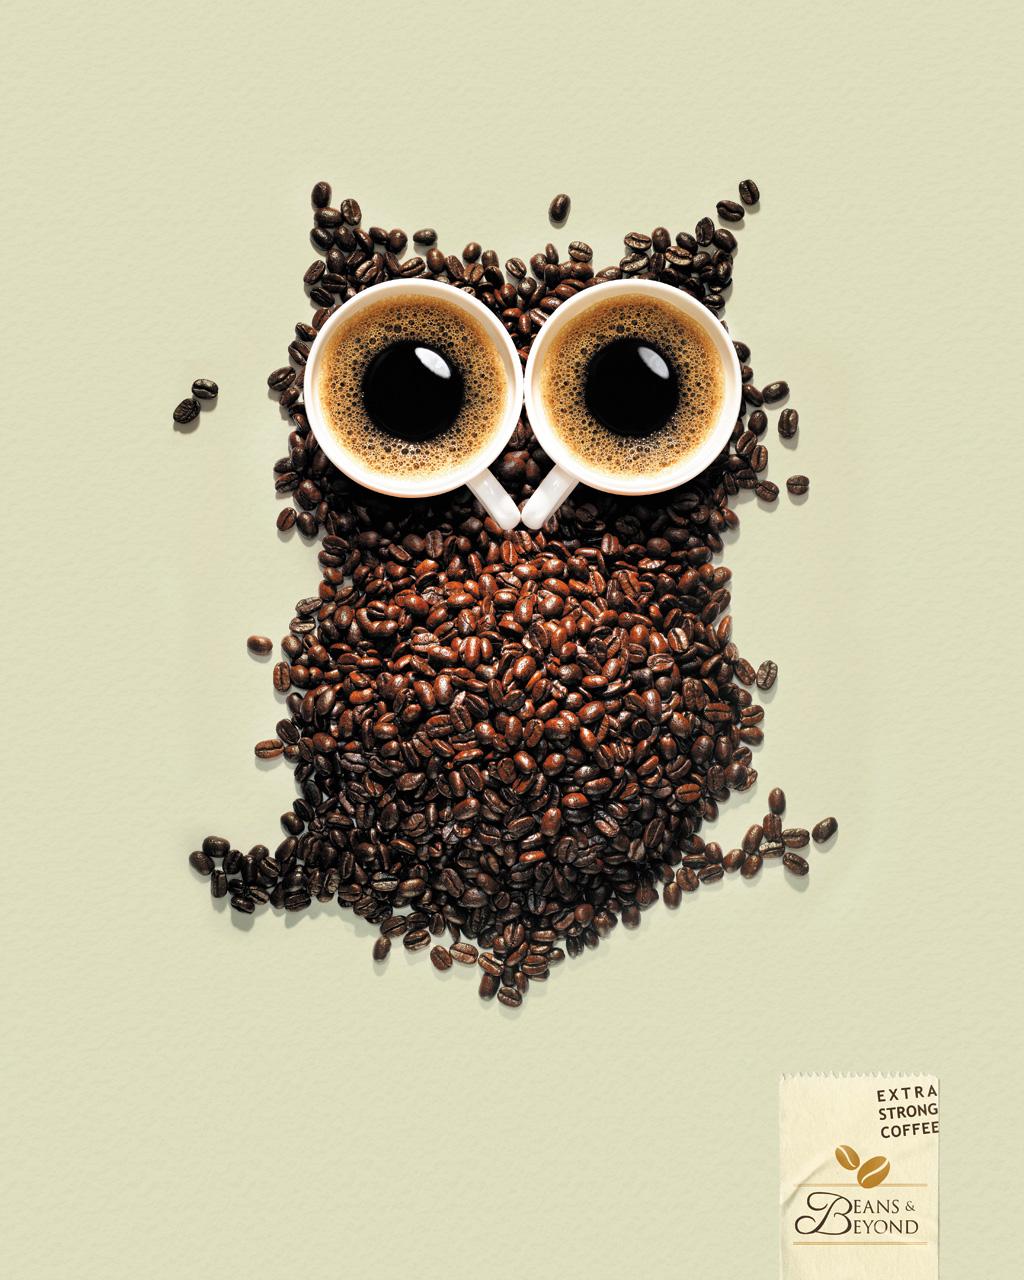 http://1.bp.blogspot.com/_42nL05s3A-8/TG7NI2tN8fI/AAAAAAAAC4w/GdVW9CuhGso/s1600/Beans--Beyond---Extra-Strong-Coffee-72dpi.jpg